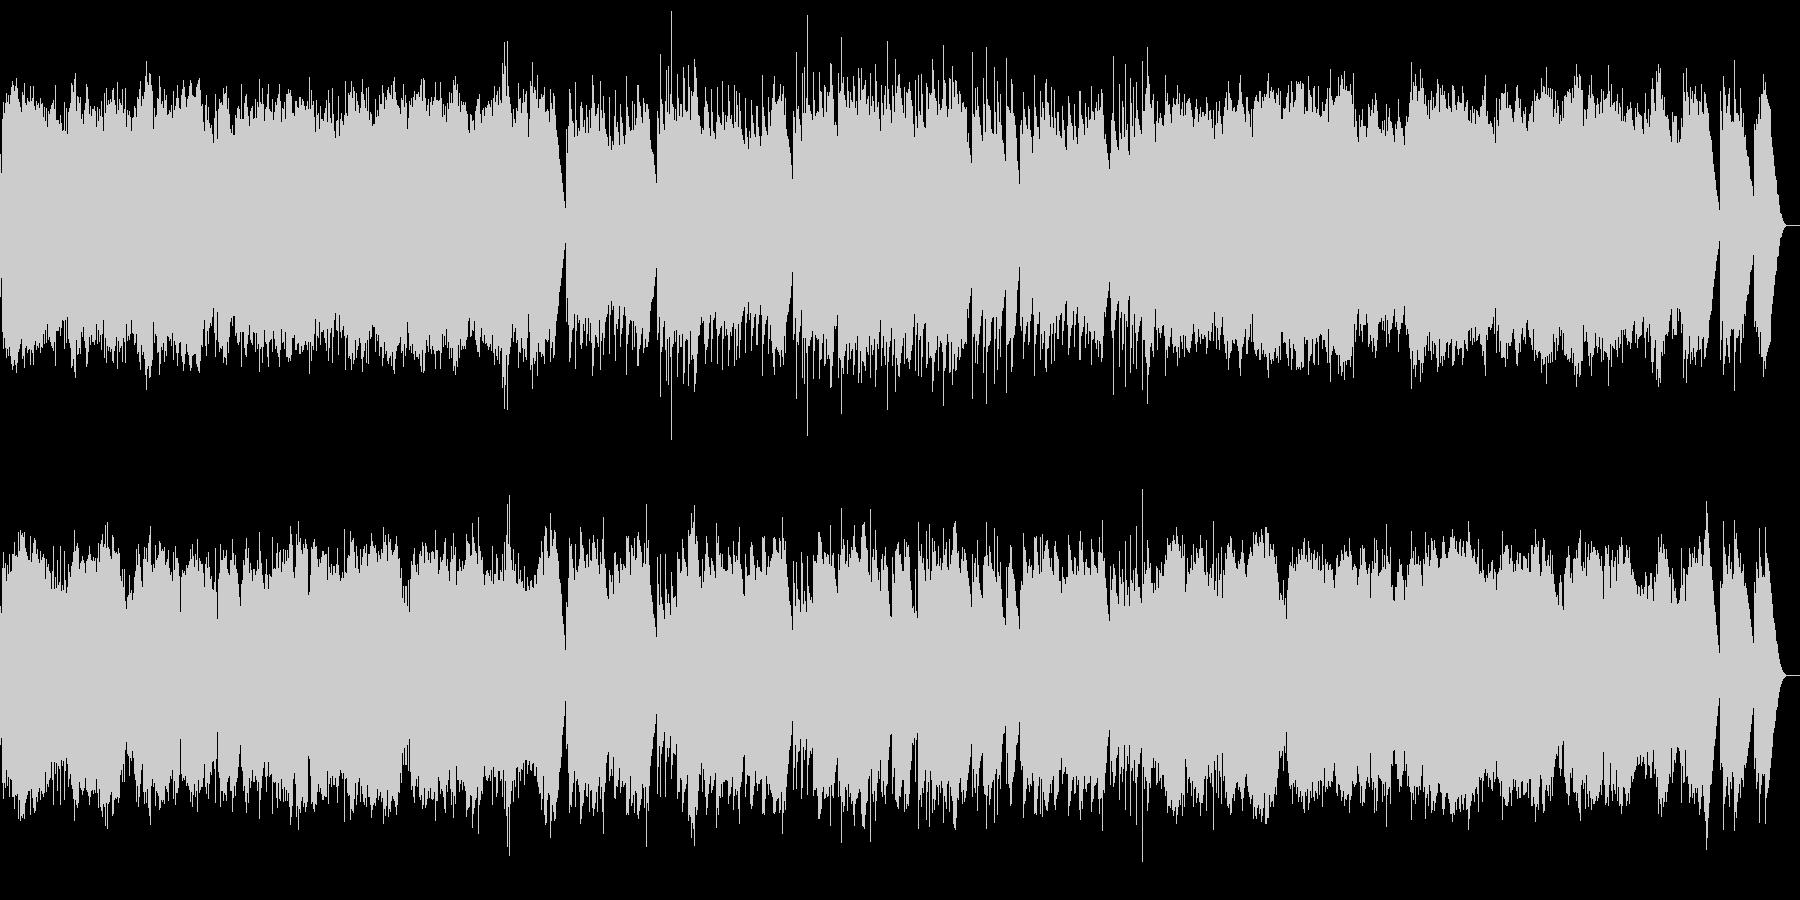 シューベルト 楽興の時第4番 オルゴールの未再生の波形